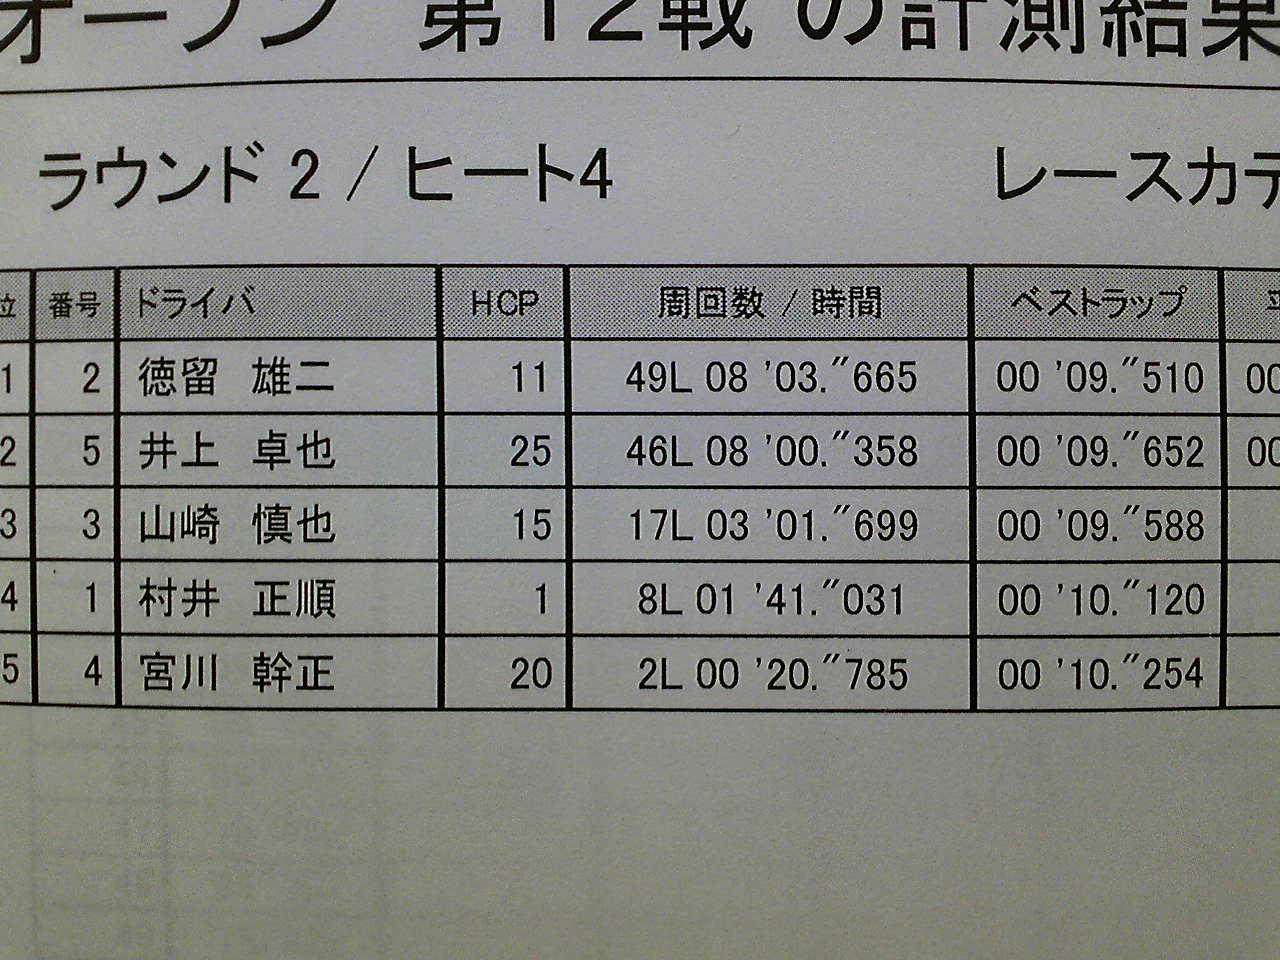 シルバーストーン・シリーズ戦 最終戦 村井正順_e0166663_9132557.jpg